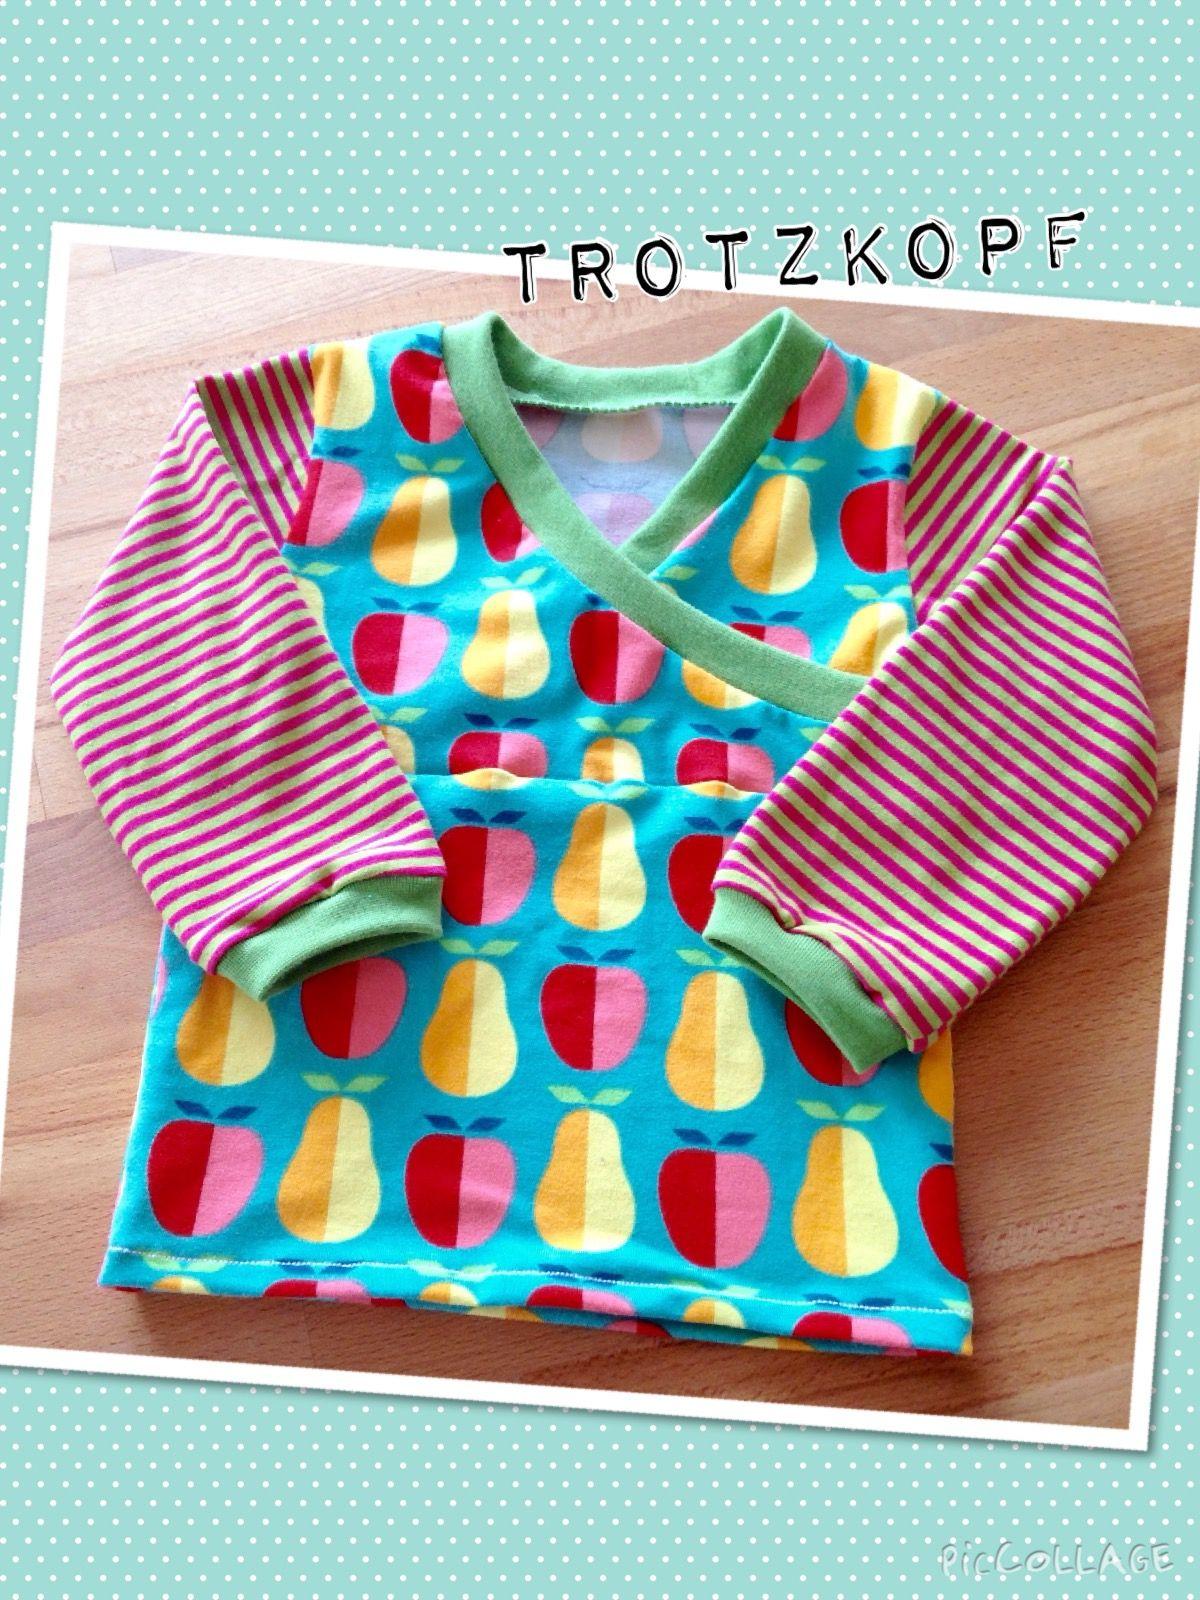 Selbst genäht - Shirt Trotzkopf von Schnabelina - das Freebook findet ihr hier: http://schnabelina.blogspot.de/2014/03/ebook-schnabelinas-trotzkopf-online.html